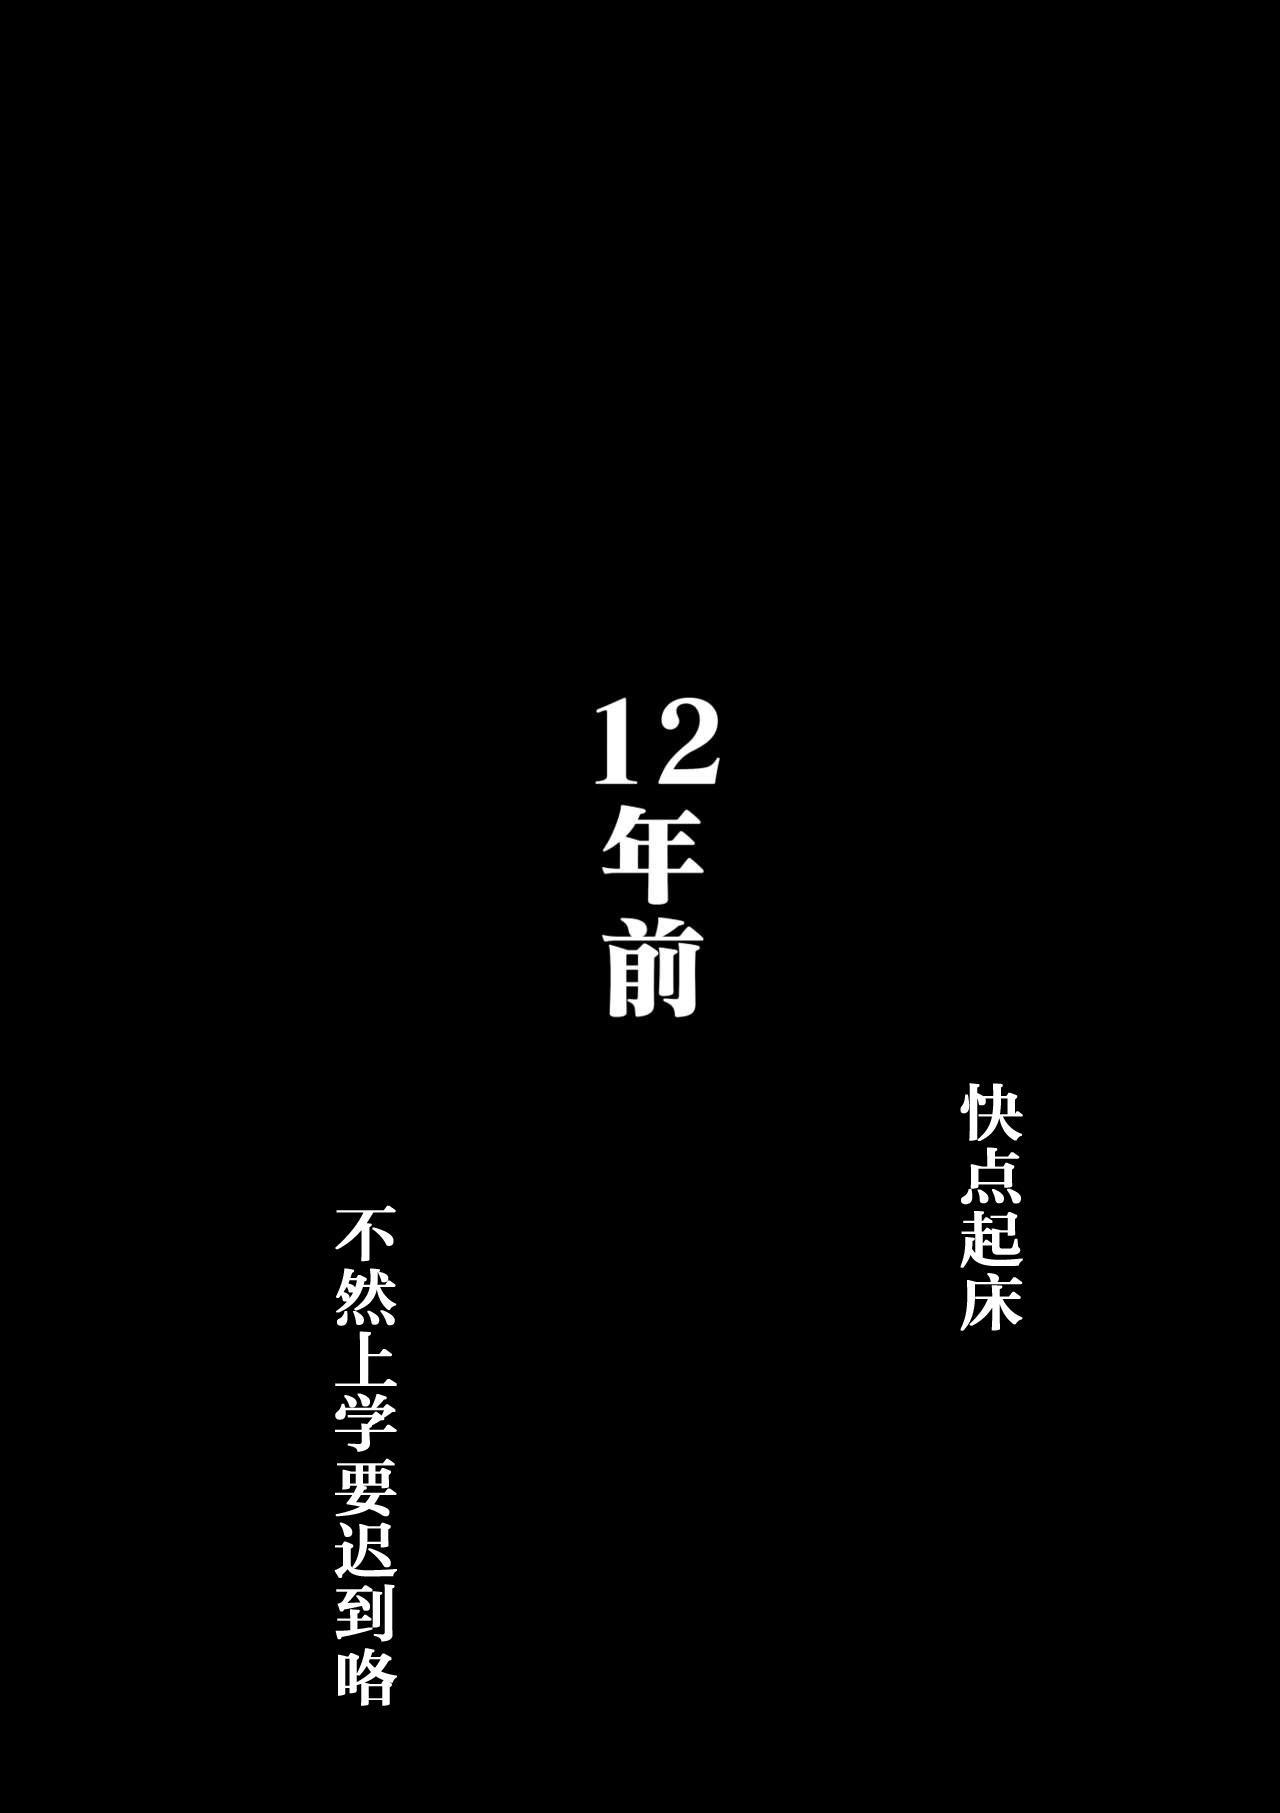 [Oozora Kaiko] Kaa-san to Ore no 20-nenshi ~Waga Ie no Kinshin Soukan Kaikoroku [Chinese] [金麦基个人汉化] 11